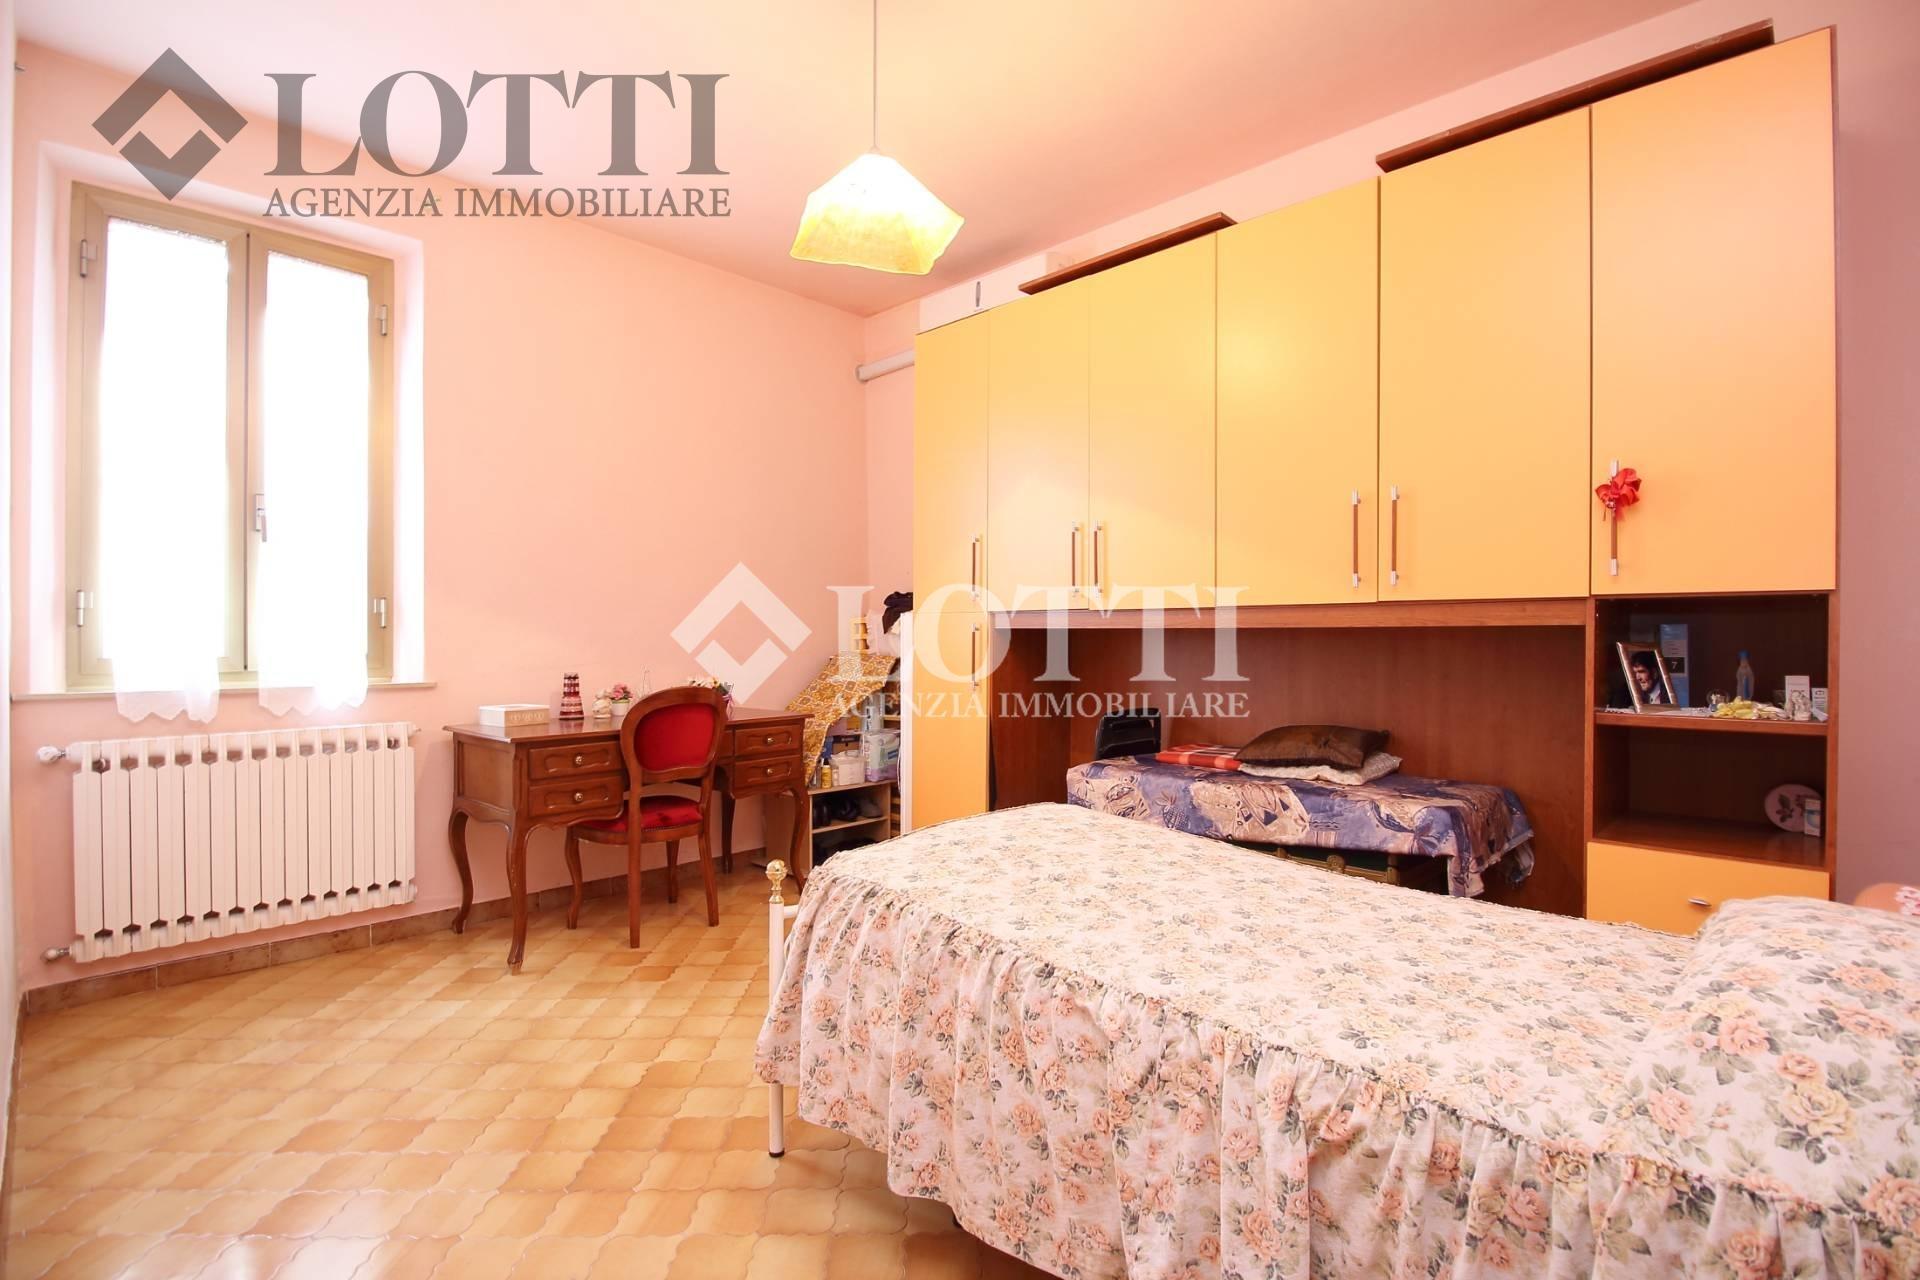 Villetta a schiera in vendita, rif. 566